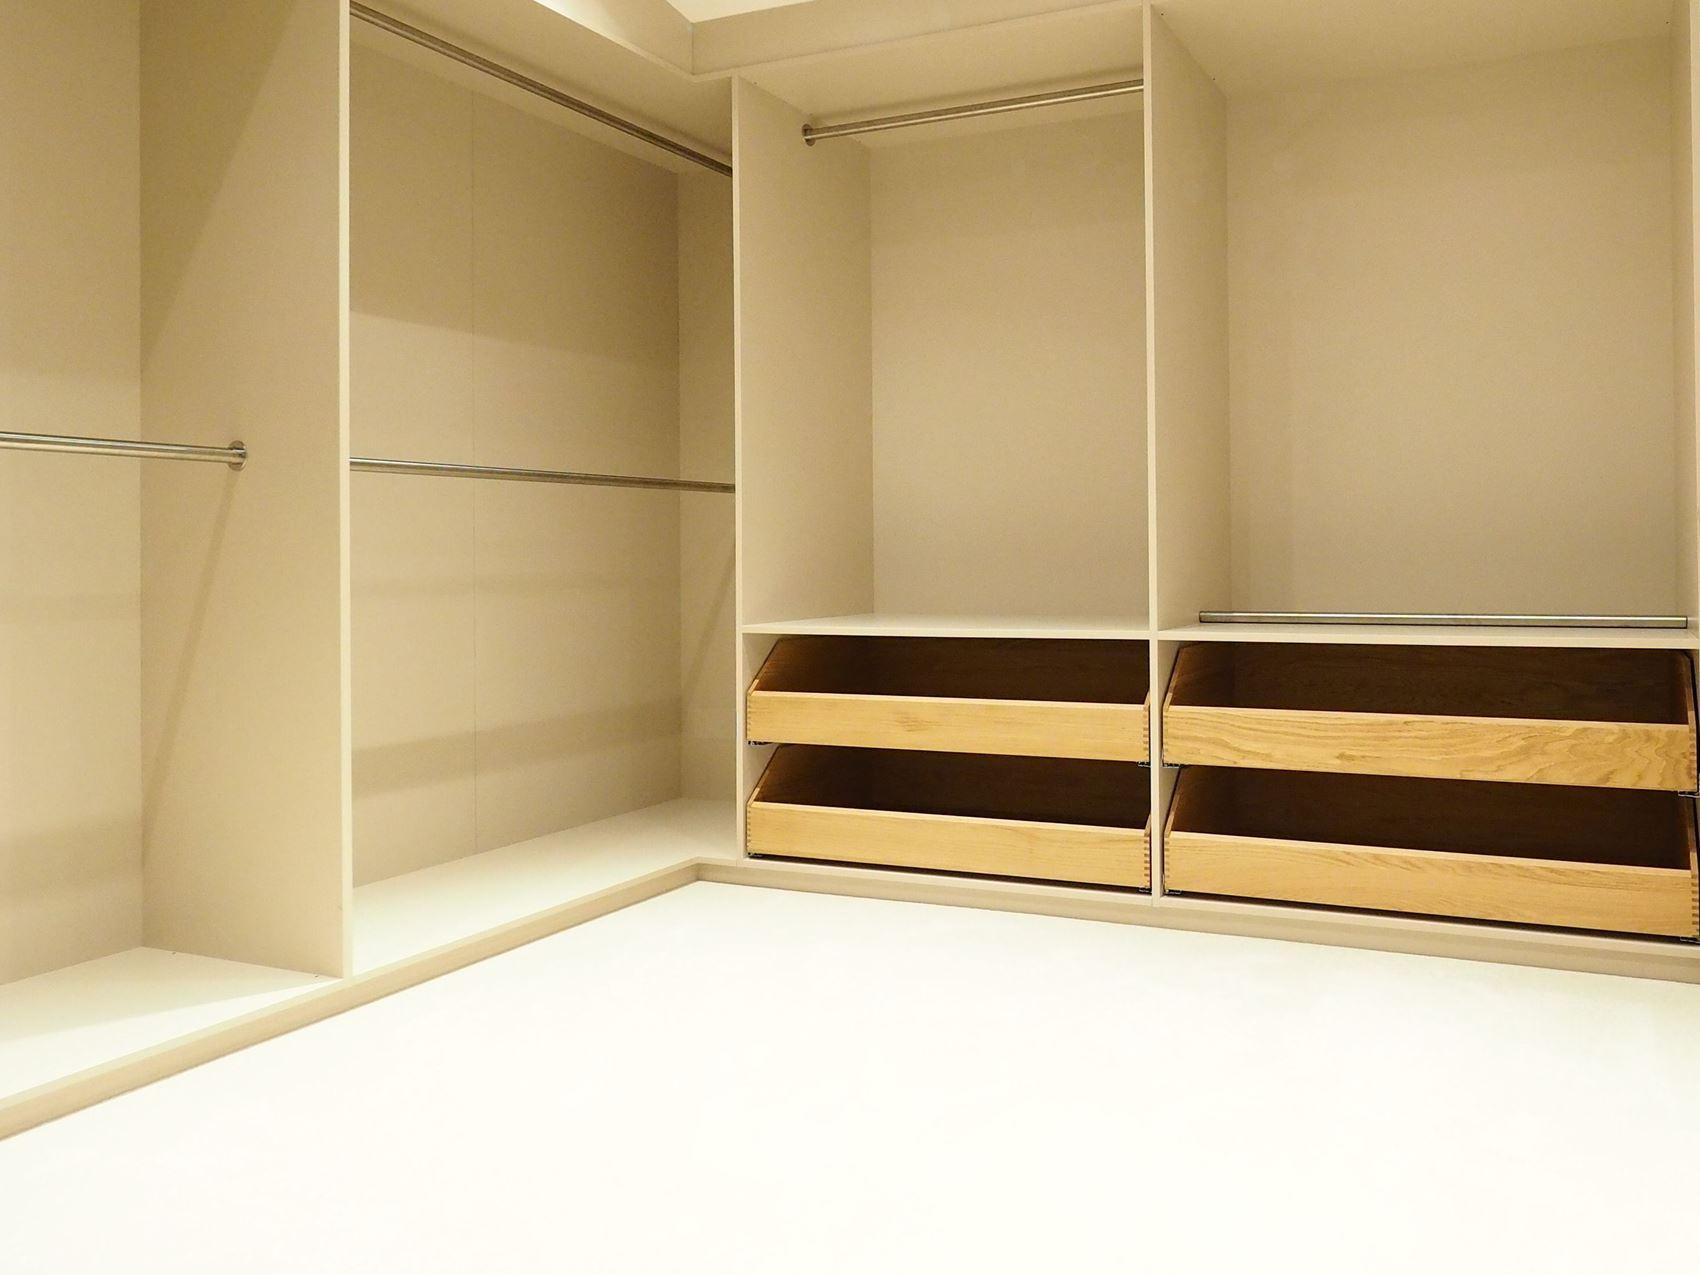 Ankleidezimmer vom Tischler in Hamburg mit offenen Borden, Schubladen und Kleiderstangen